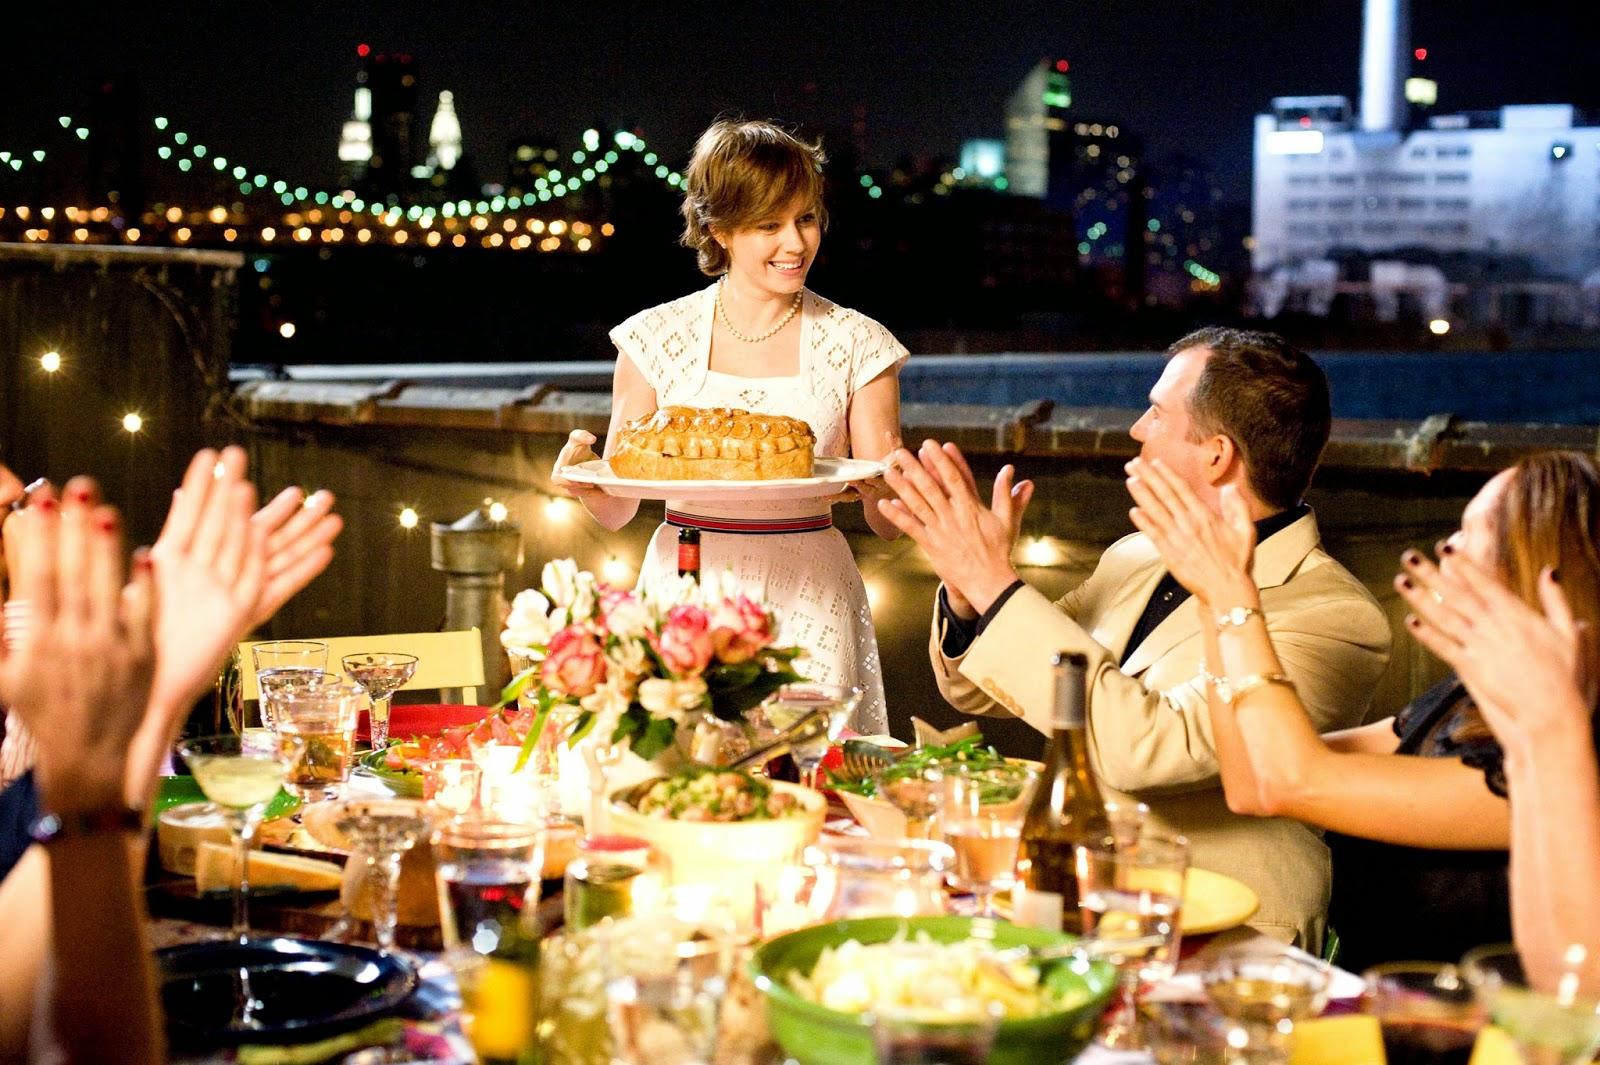 картинки с днем рождения стол и люди назвала